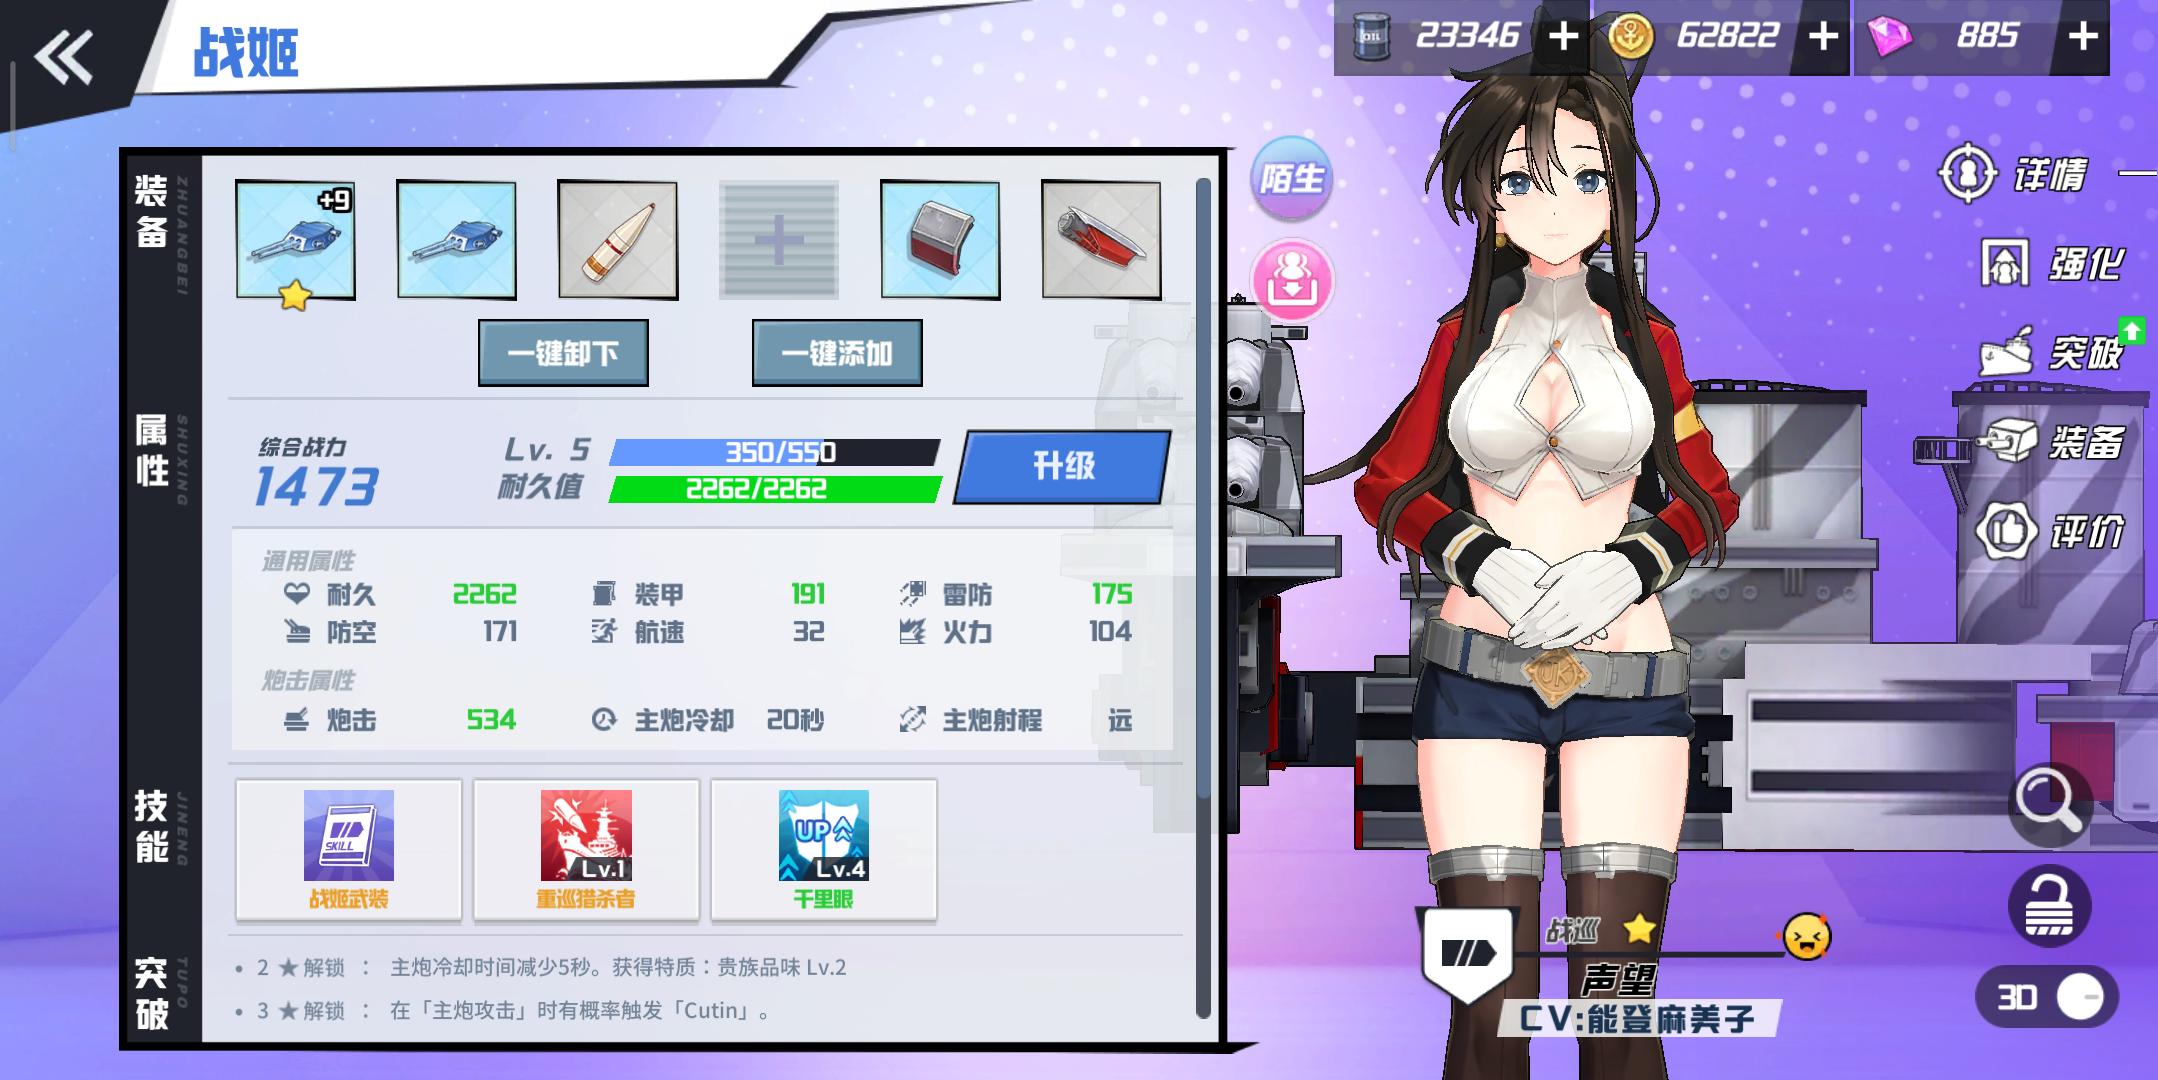 苍蓝誓约SR战巡舰声望技能解析一览